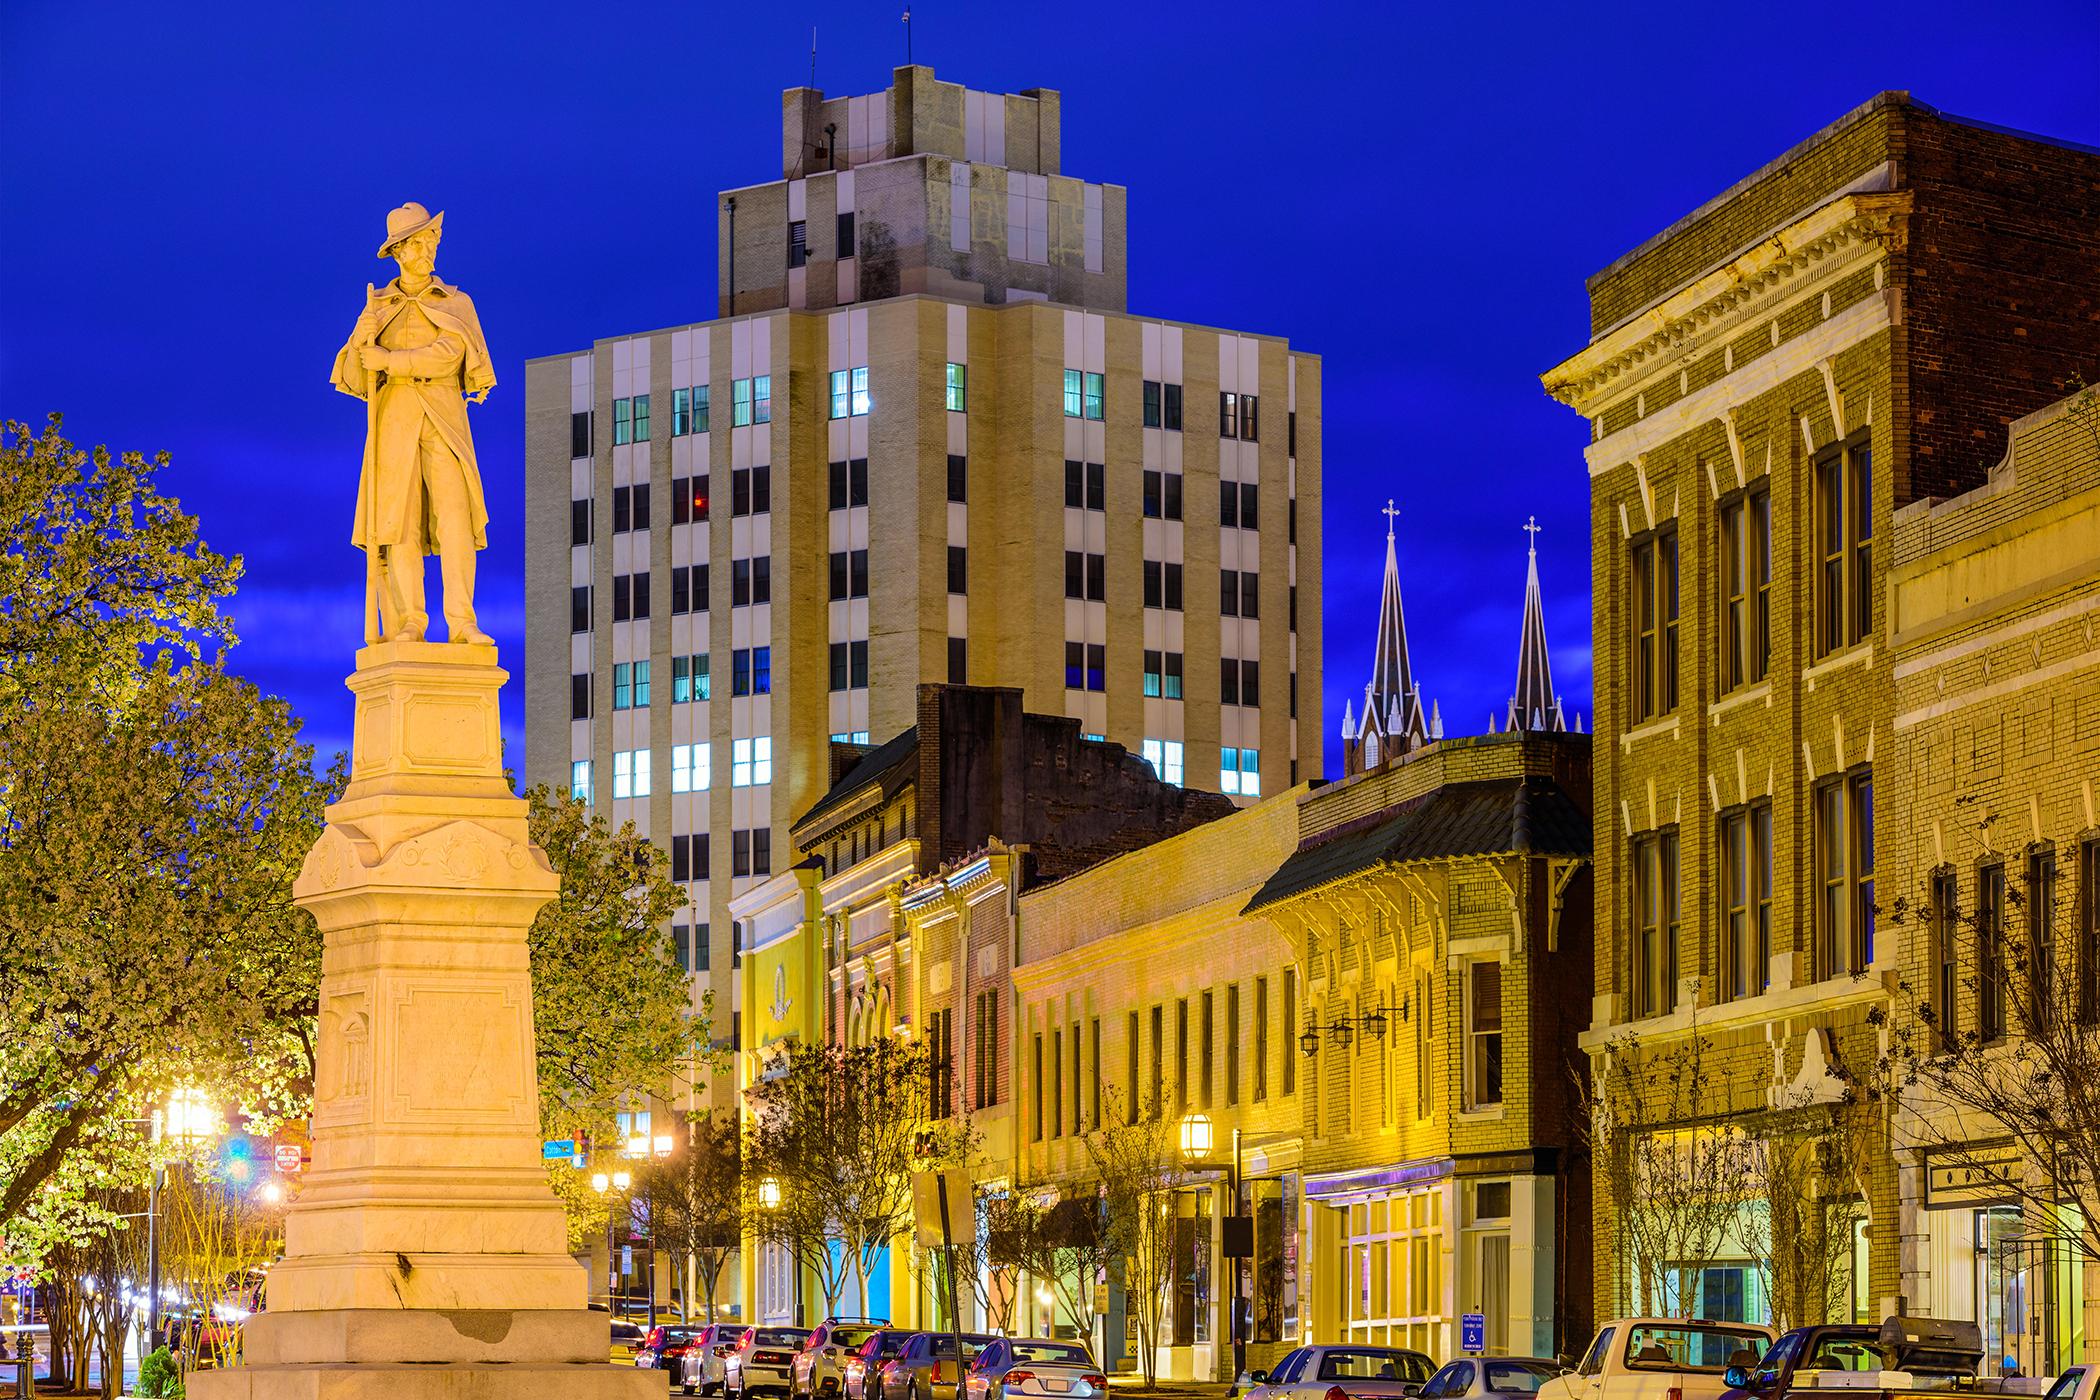 War Memorial to Confederate Soldiers, Macon, Georgia